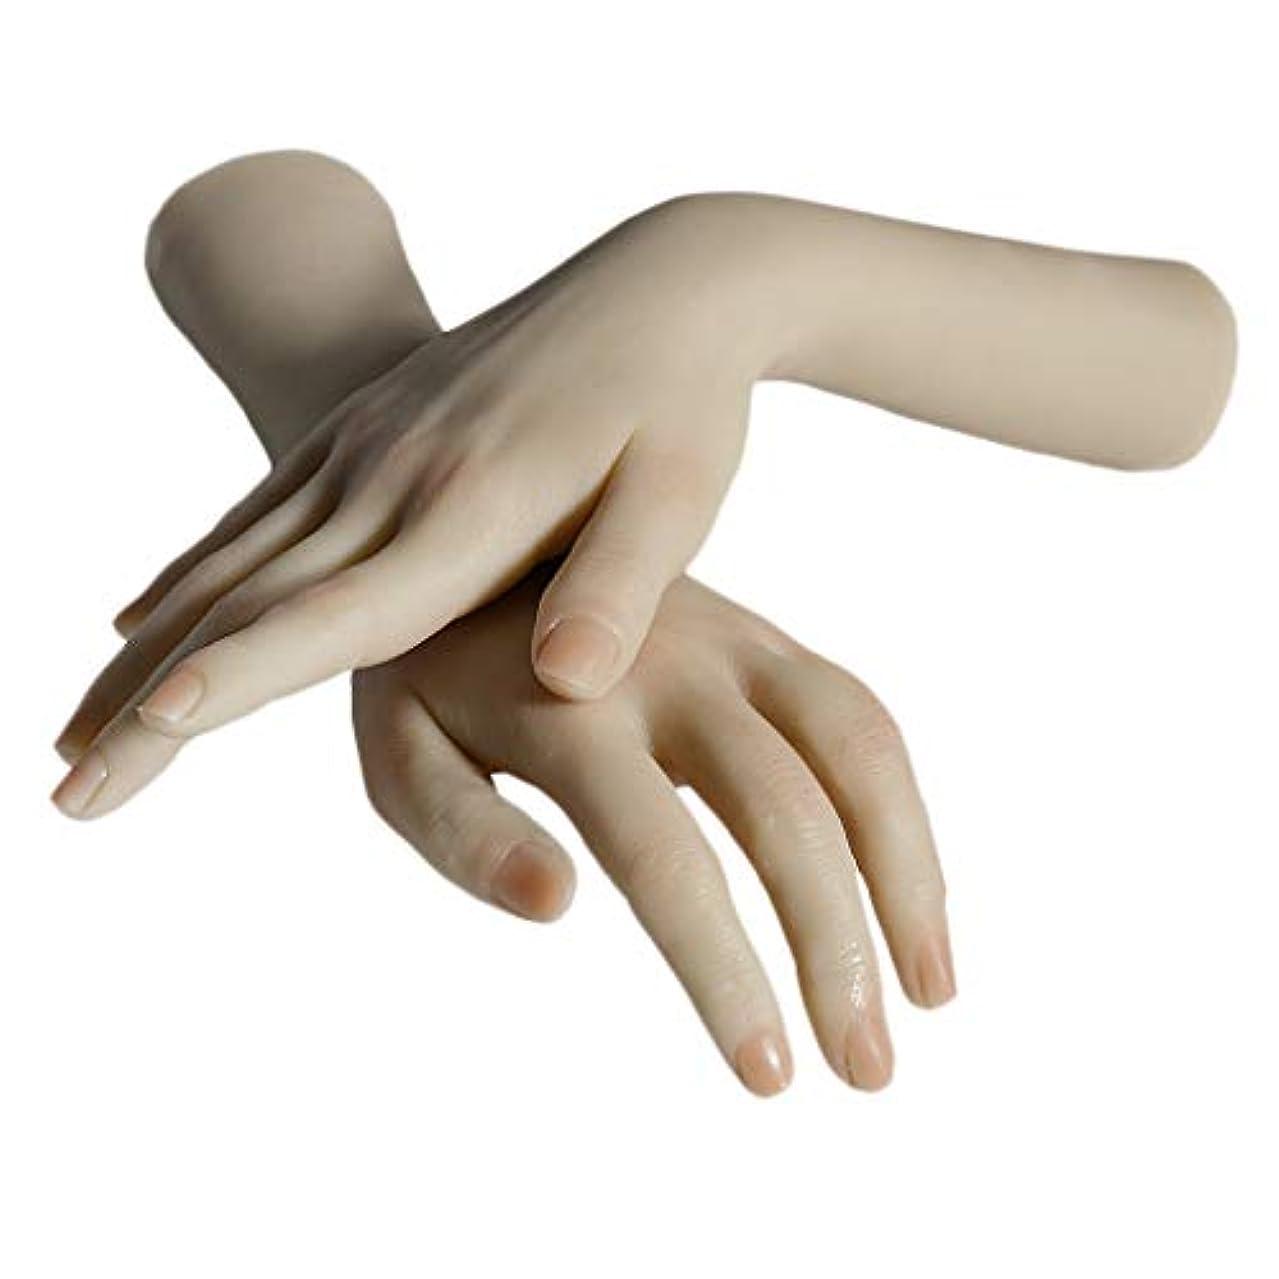 凍結塩辛いおもちゃPerfeclan ネイルアート マネキンハンド 手表示モデル 手模型 練習 実践手 シリコン